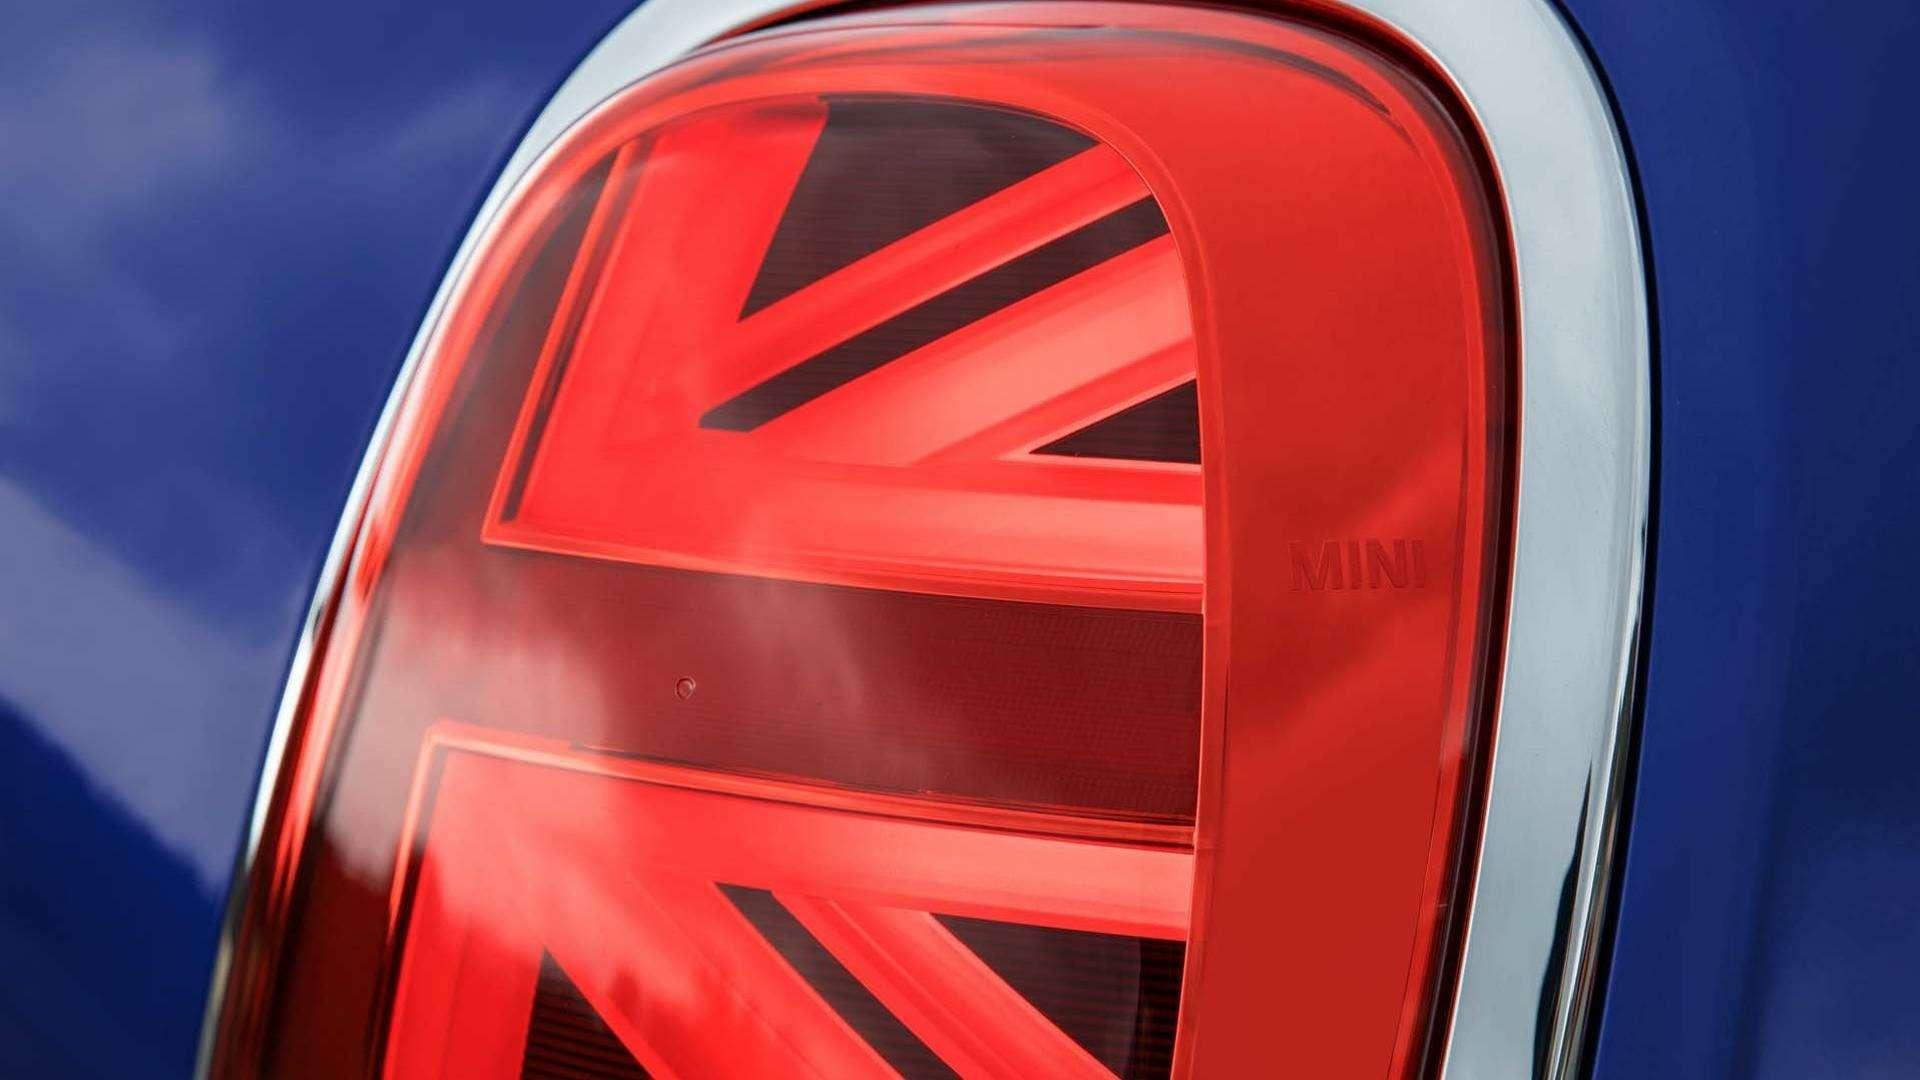 Моргнуть британским флагом: Mini получили патриотические обновки— фото 834789